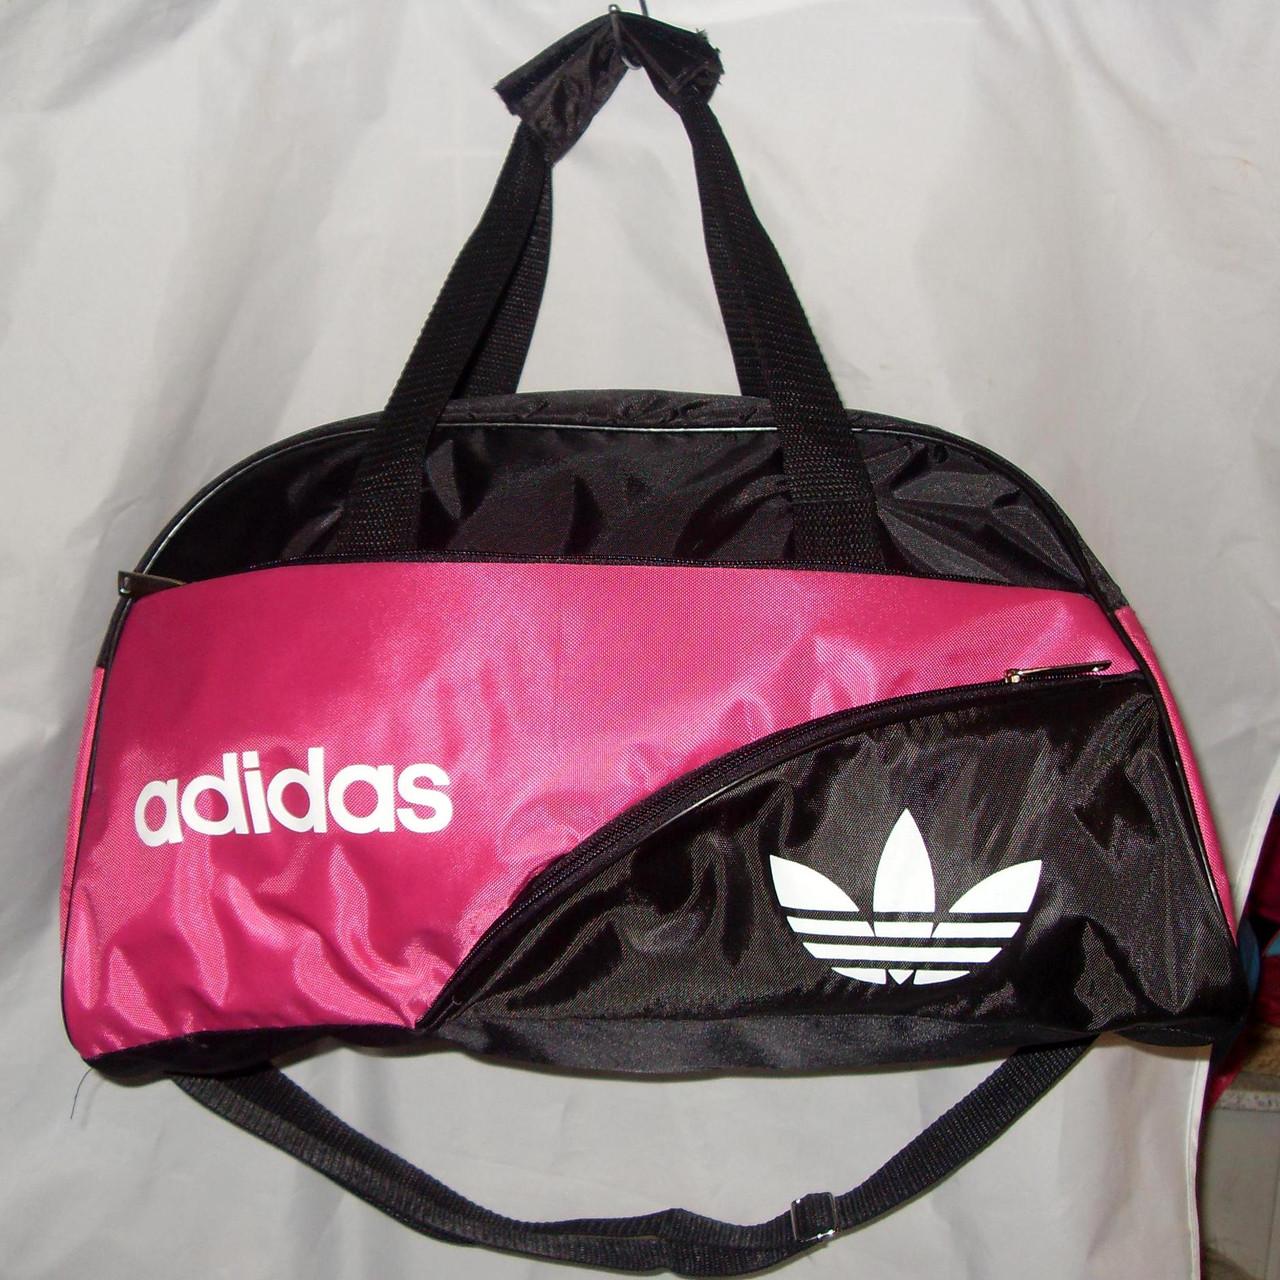 db9ff83e Женская спортивная сумка Adidas 013075 черная с розовым копия ...